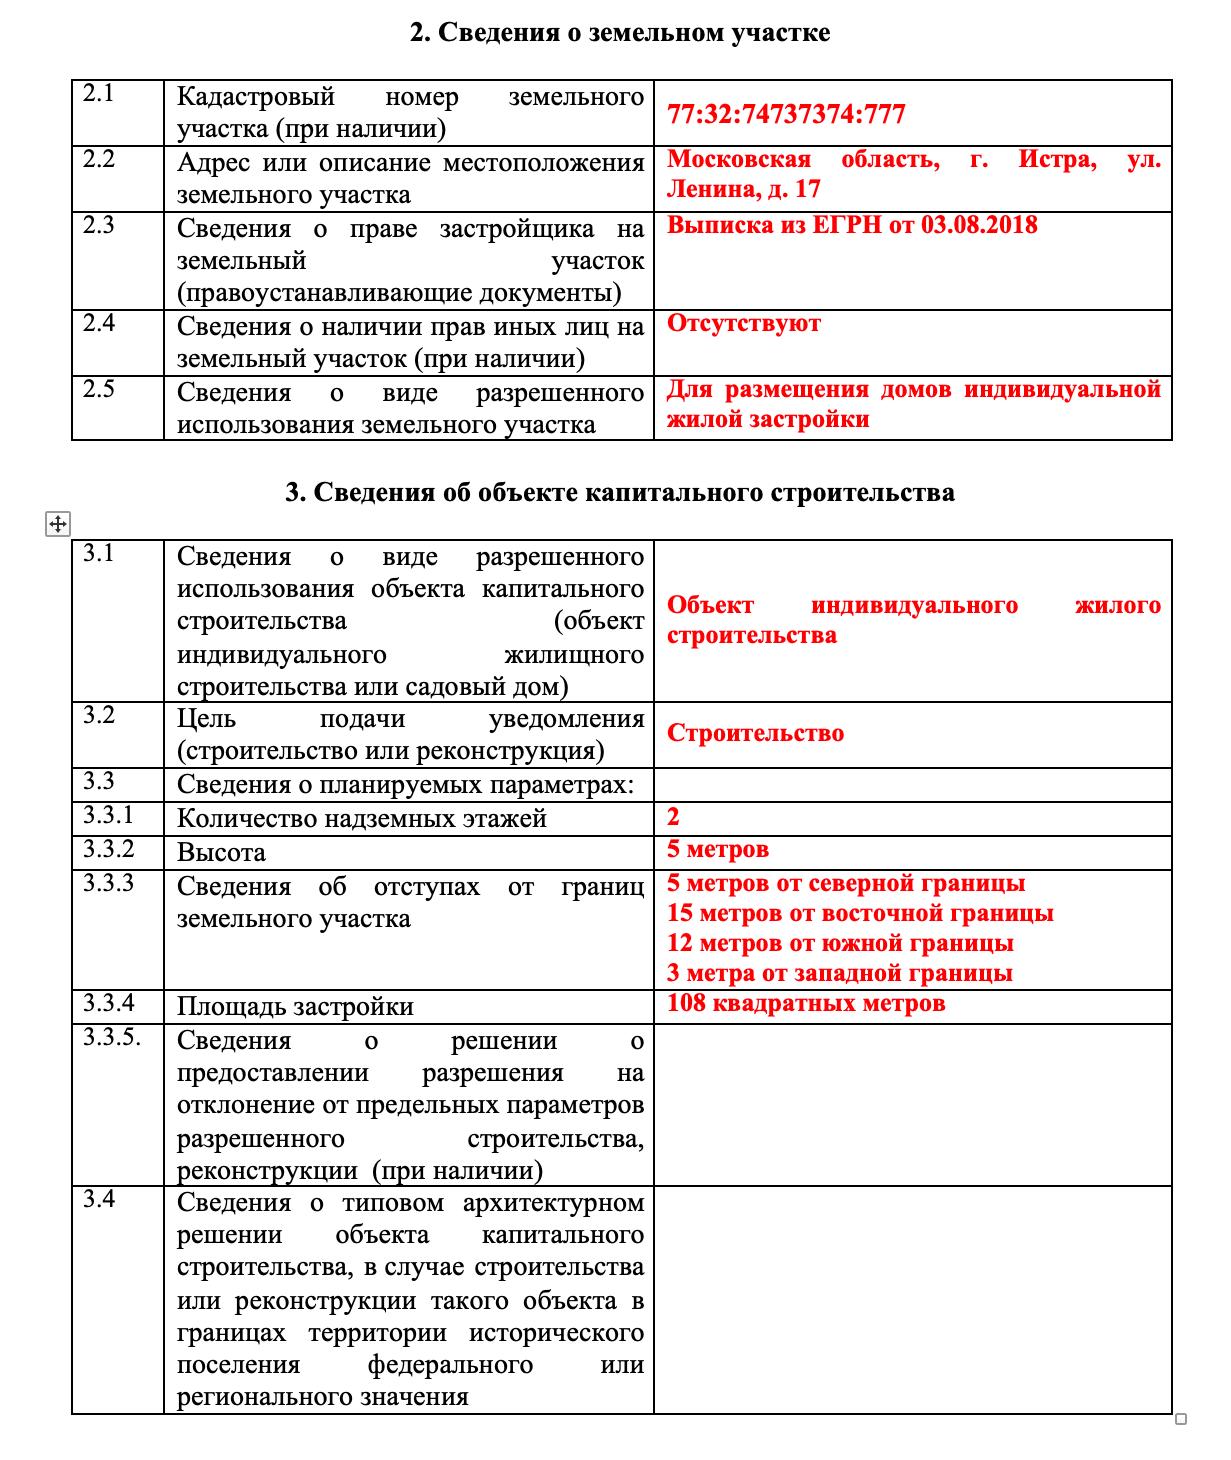 Как получить разрешение на строительство линейного объекта? как получить разрешение на строительство линейного объекта?